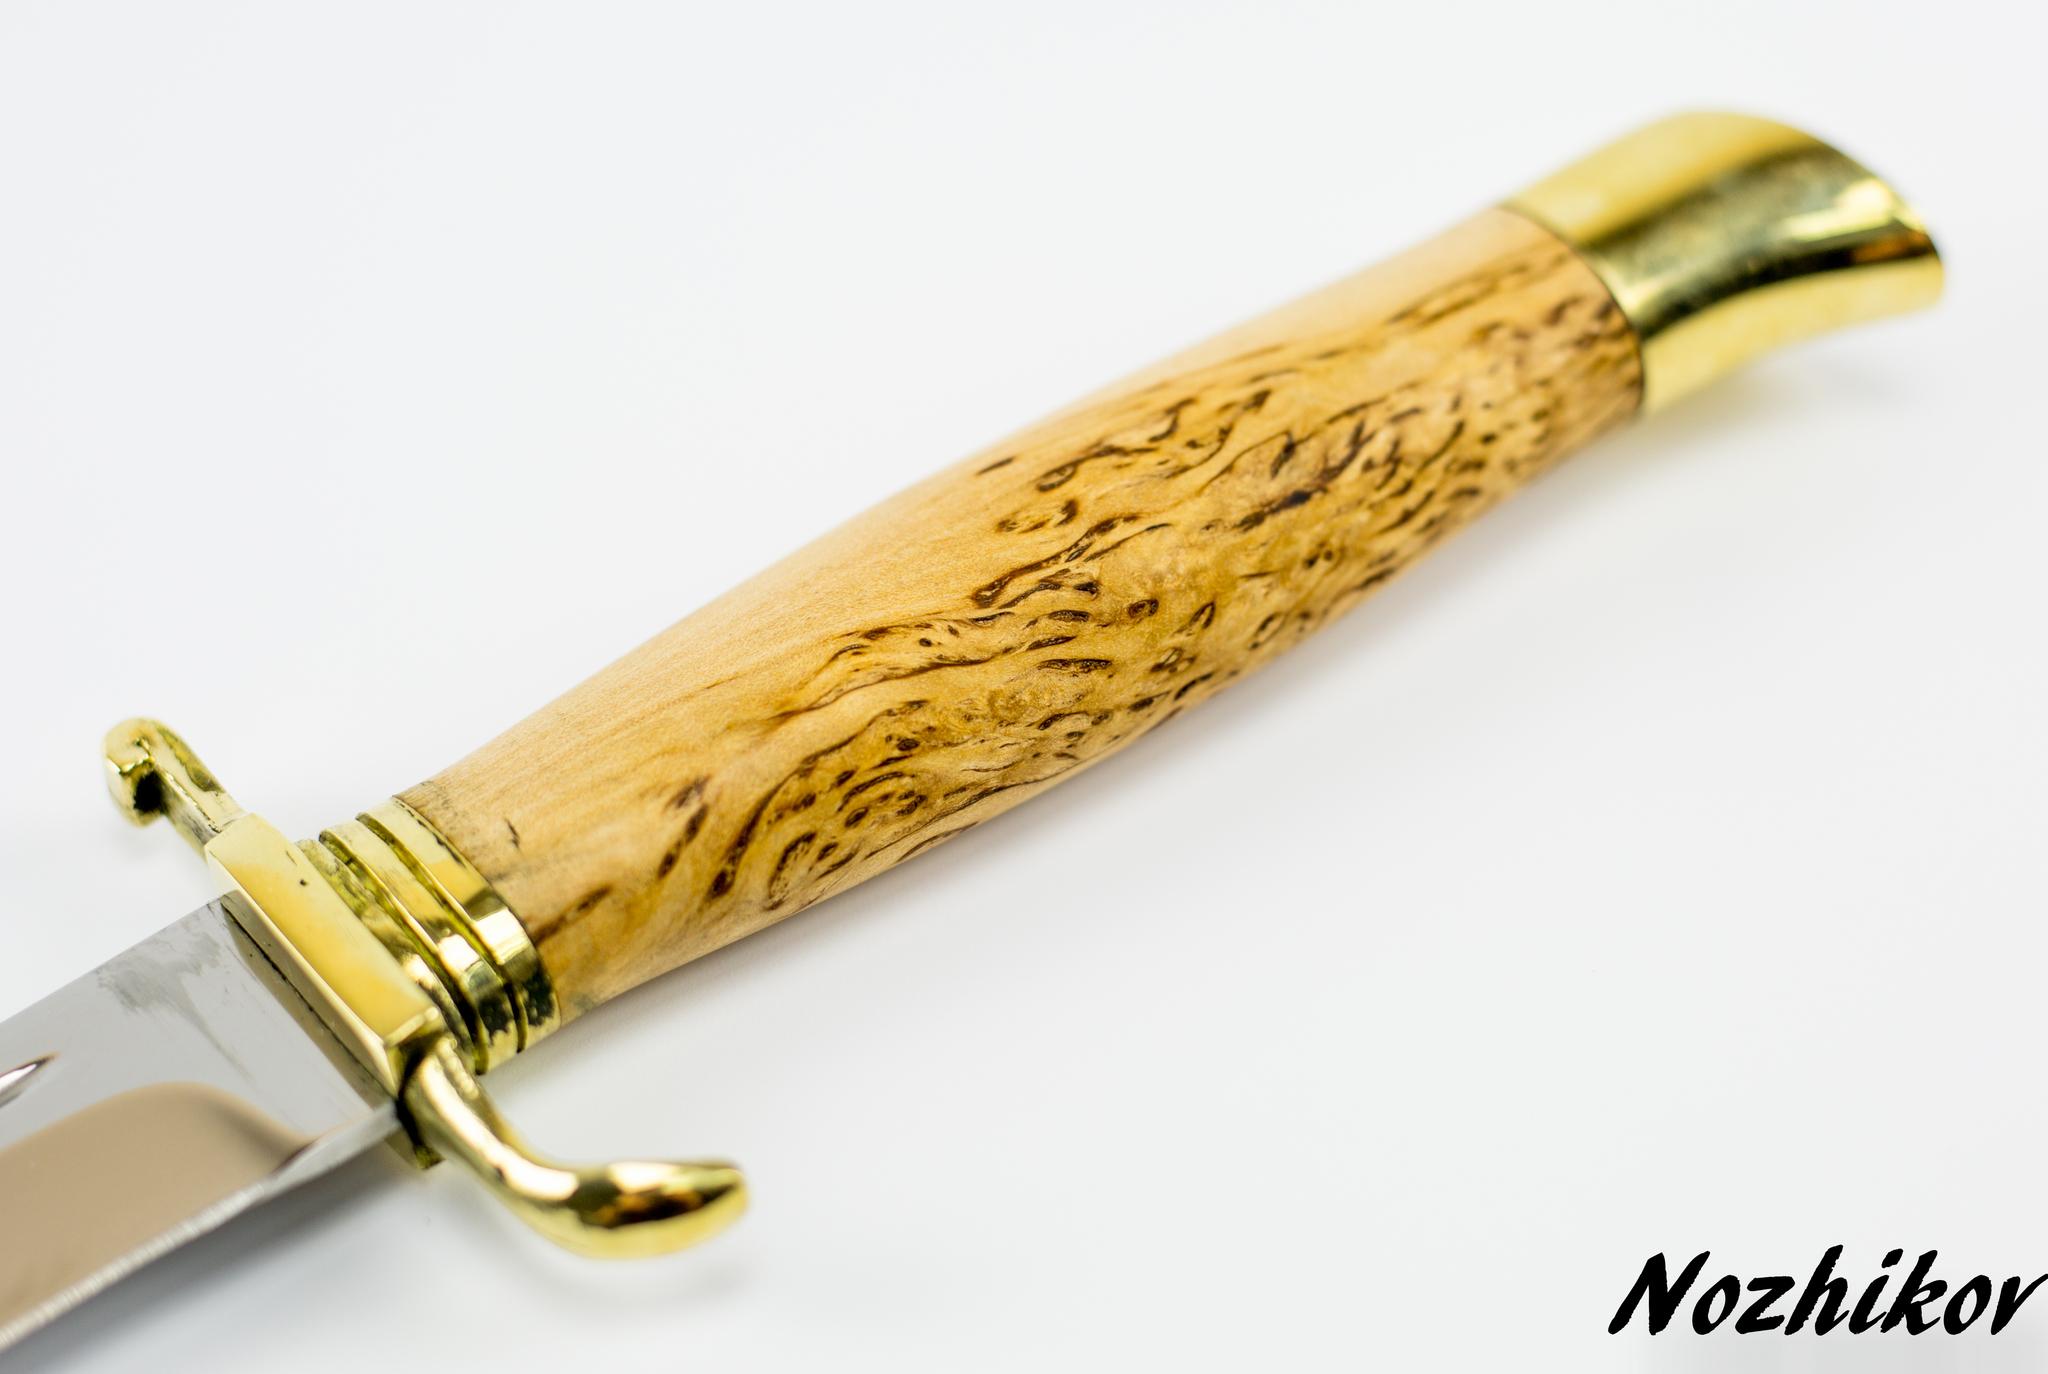 Фото 10 - Нож Финка НКВД, сталь 95х18, карельская береза от Промтехснаб